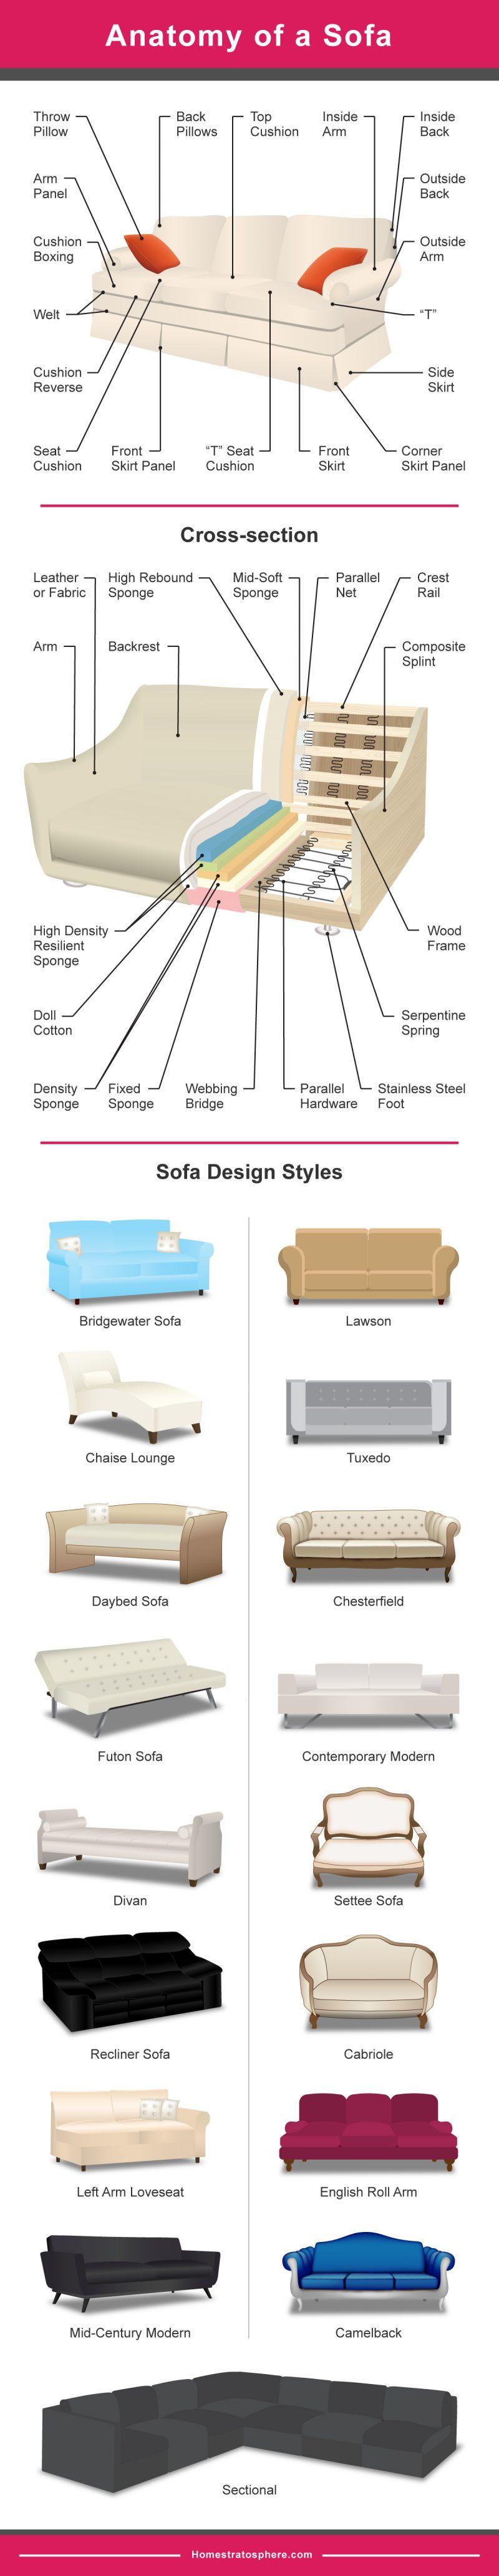 17 jenis reka bentuk sofa di dunia yang mana sesuai - Different types of sofas ...